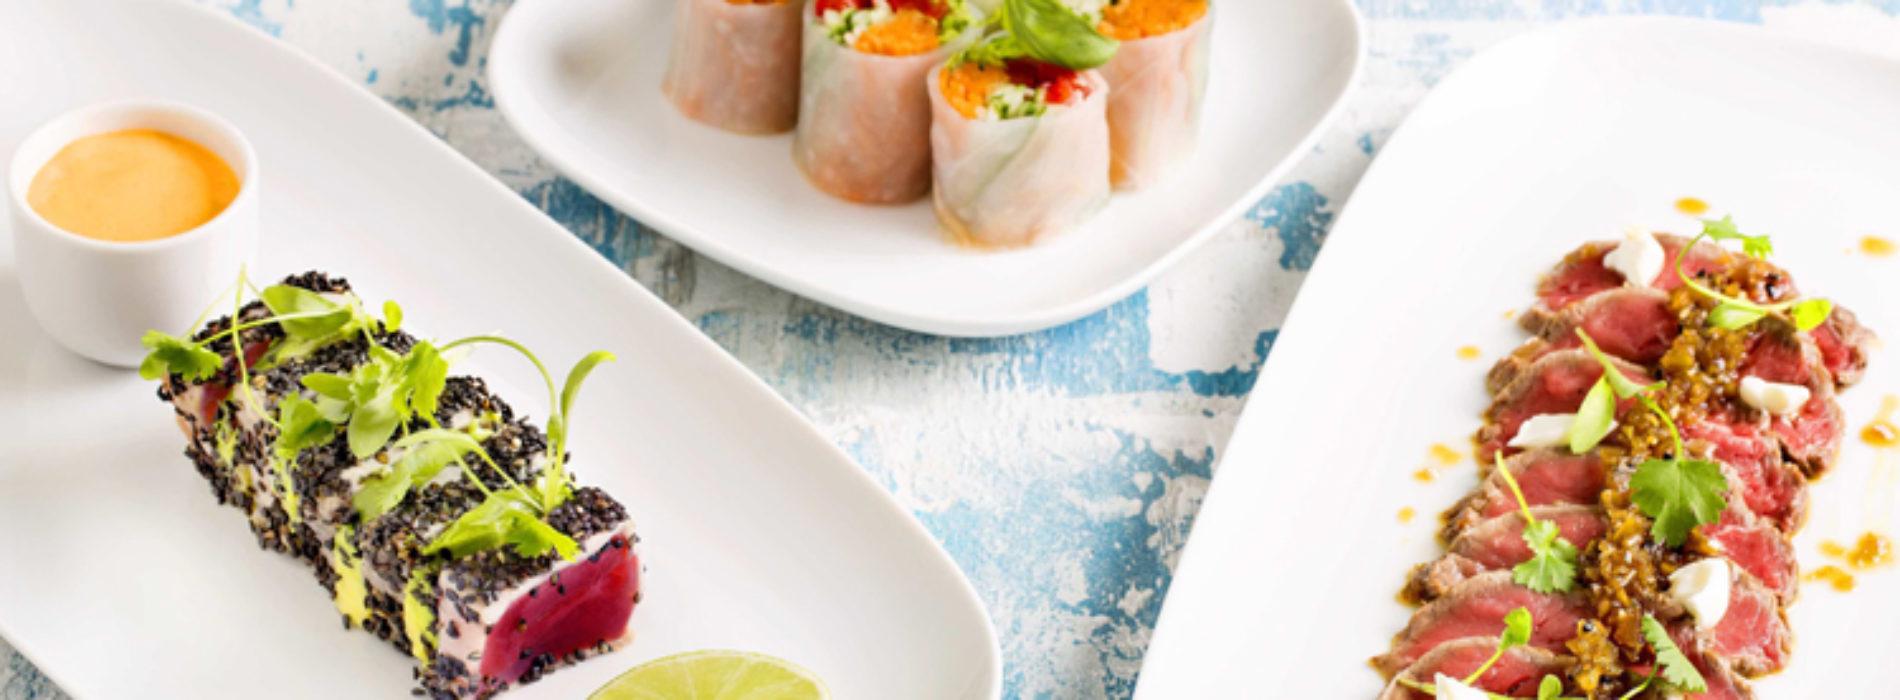 La Cucina Orientale 12 classici e fusion contemporanee 1